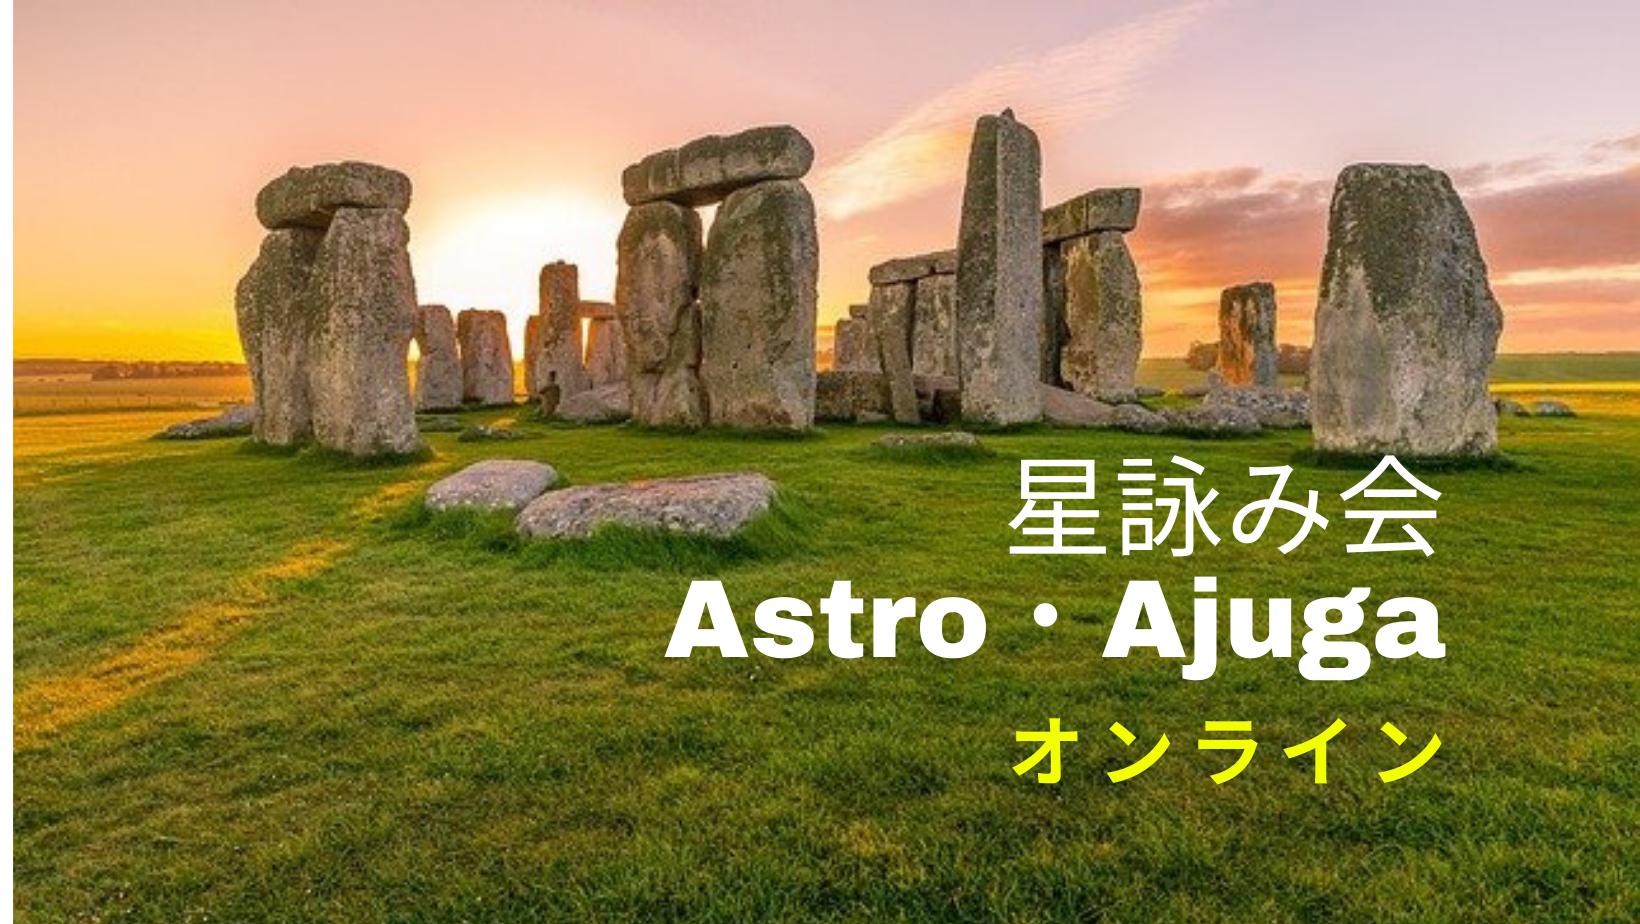 星詠み会#1 Astro・Ajuga オンライン